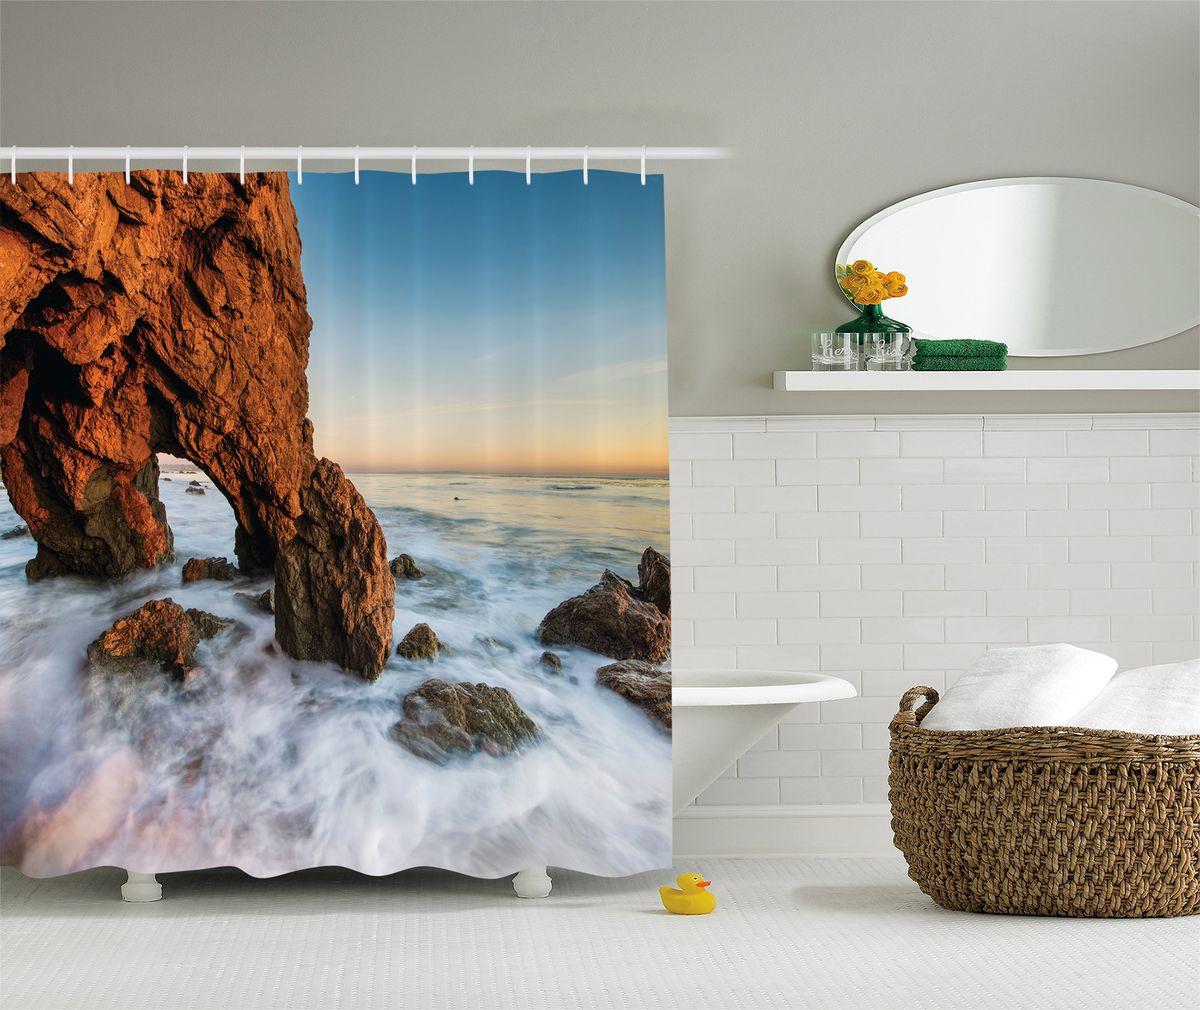 Штора для ванной комнаты Magic Lady Скала в пенном море, 180 х 200 смшв_8243Штора Magic Lady Скала в пенном море, изготовленная из высококачественного сатена (полиэстер 100%), отлично дополнит любой интерьер ванной комнаты. При изготовлении используются специальные гипоаллергенные чернила для прямой печати по ткани, безопасные для человека.В комплекте: 1 штора, 12 крючков. Обращаем ваше внимание, фактический цвет изделия может незначительно отличаться от представленного на фото.